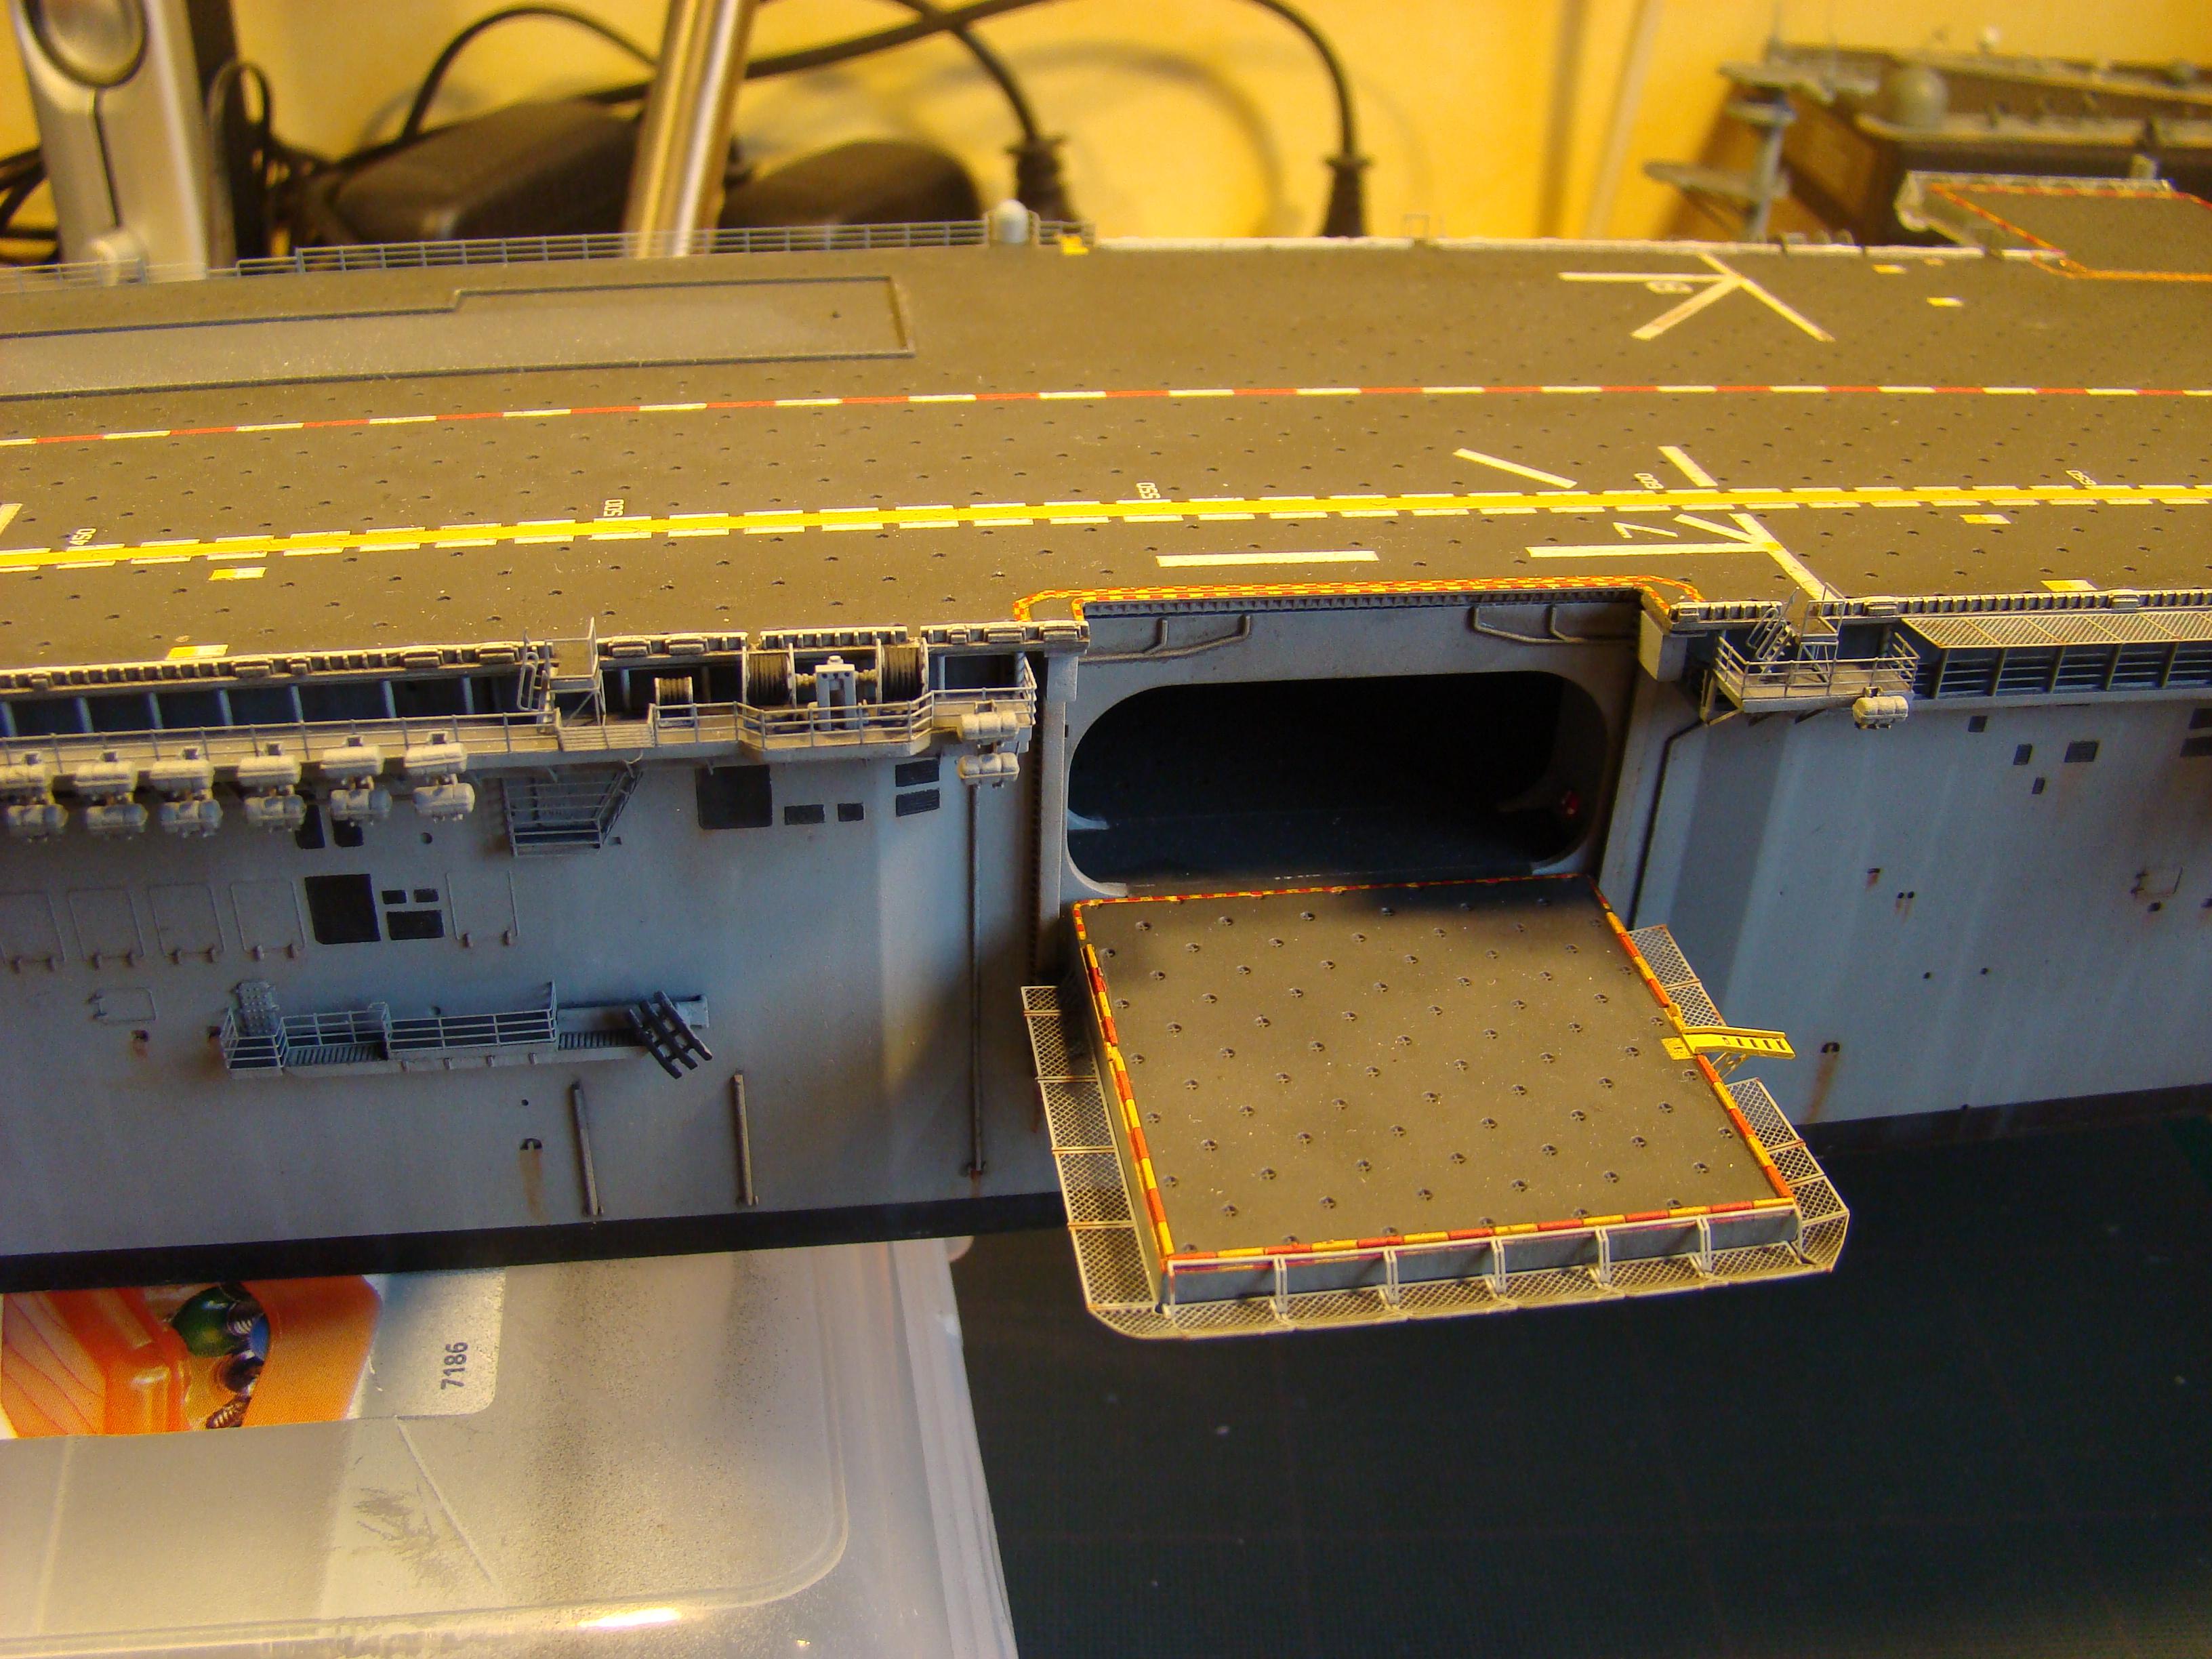 USS WASP LHD-1 au 1/350ème par nova73 - Page 7 Dsc09104e